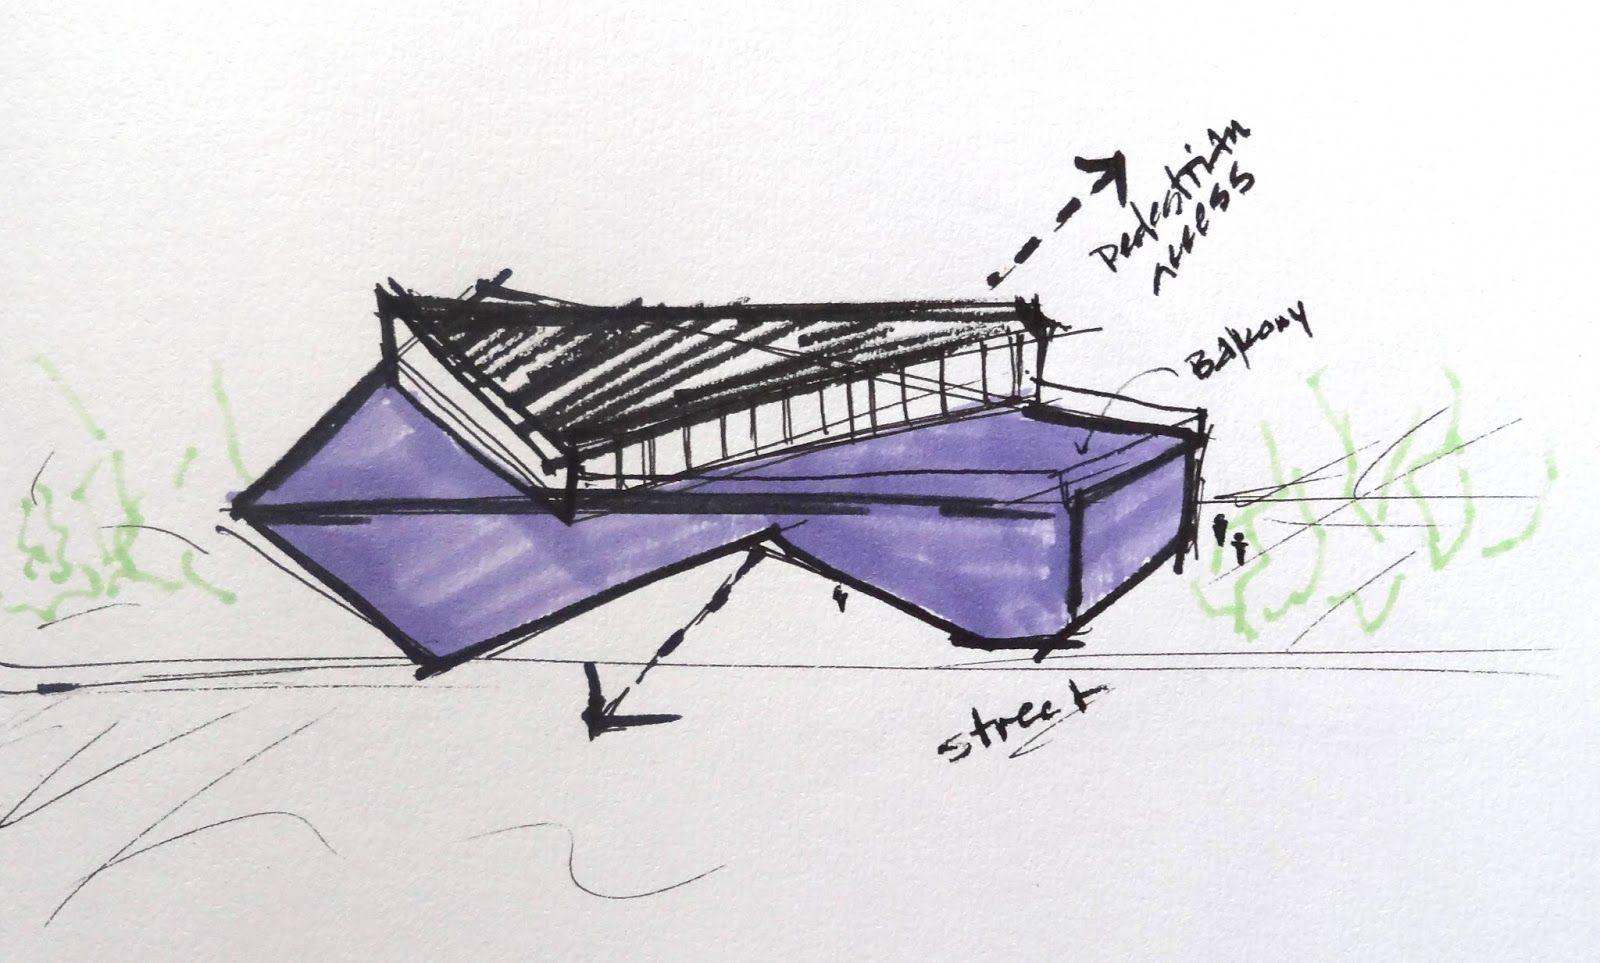 Architecture Design Concept Sketches architecture concept sketch - google search | design sketches